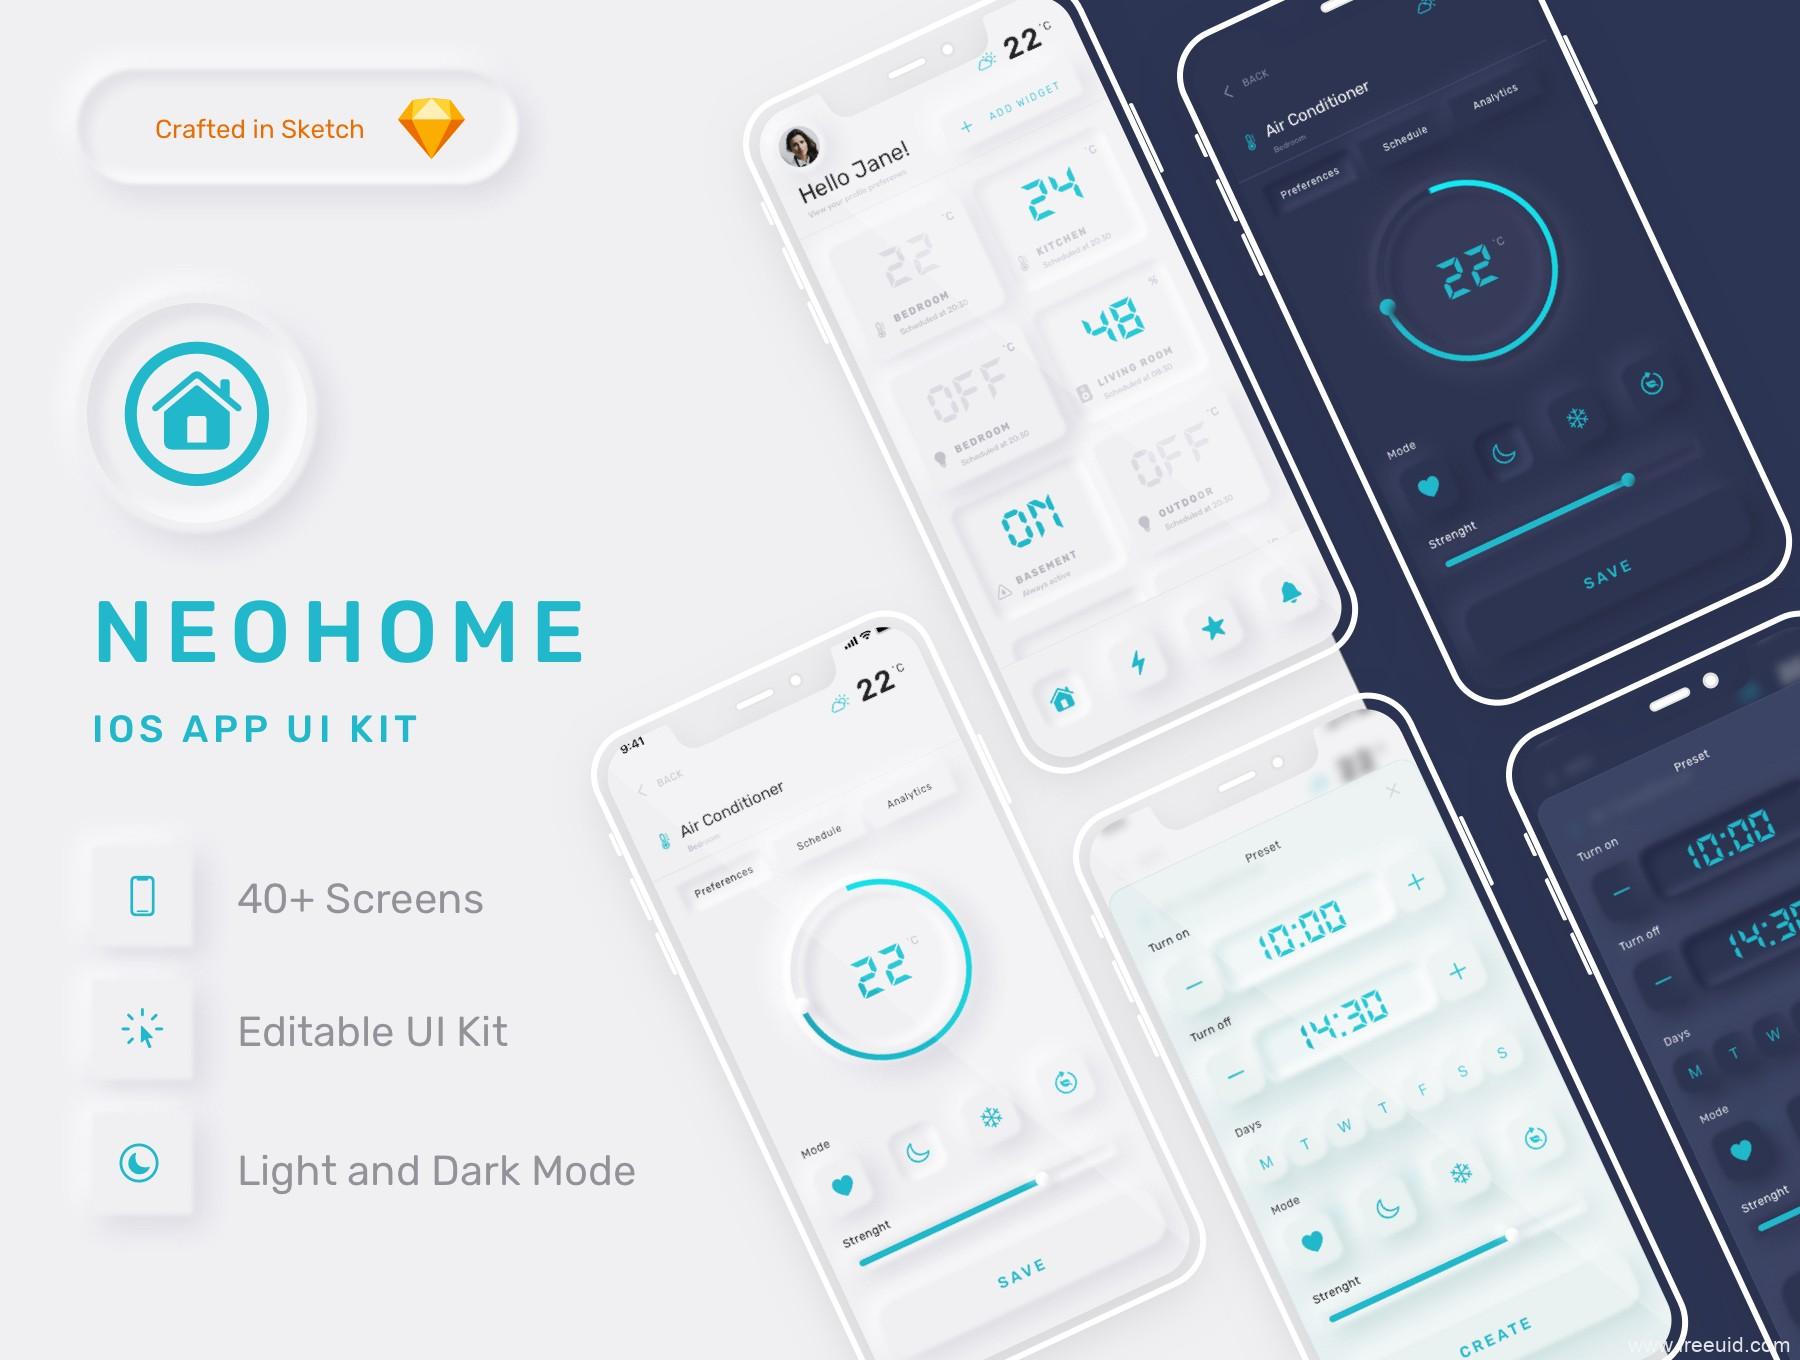 新拟物风格智能家居App应用程序UI设计Sketch模板,新拟态风格UI源文件下载